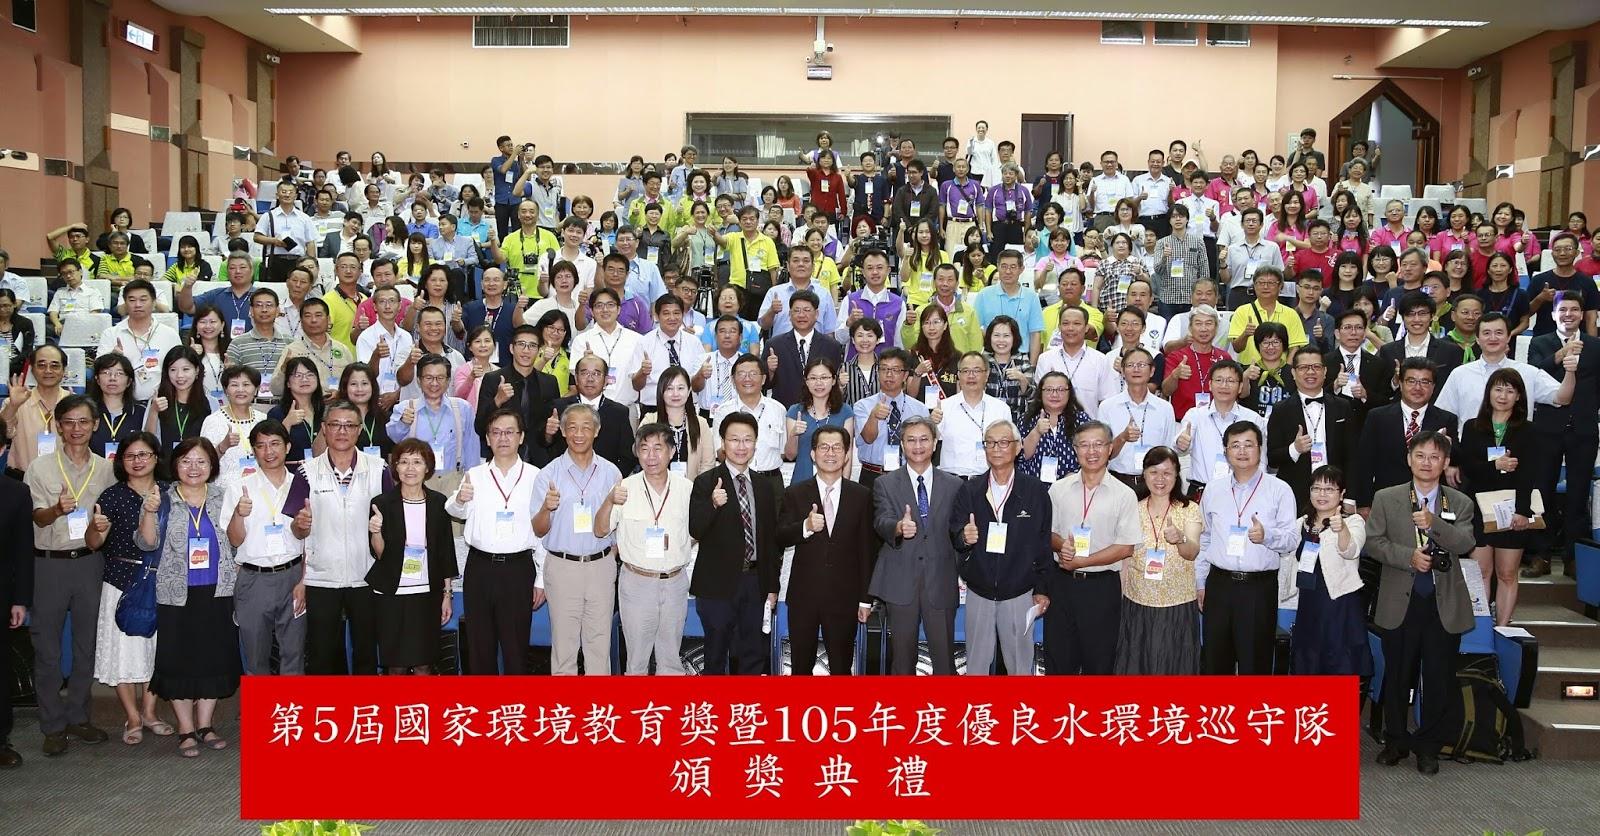 愛環境轉教育|第5屆國家環境教育獎名單終於揭曉| 蘭陽新聞網